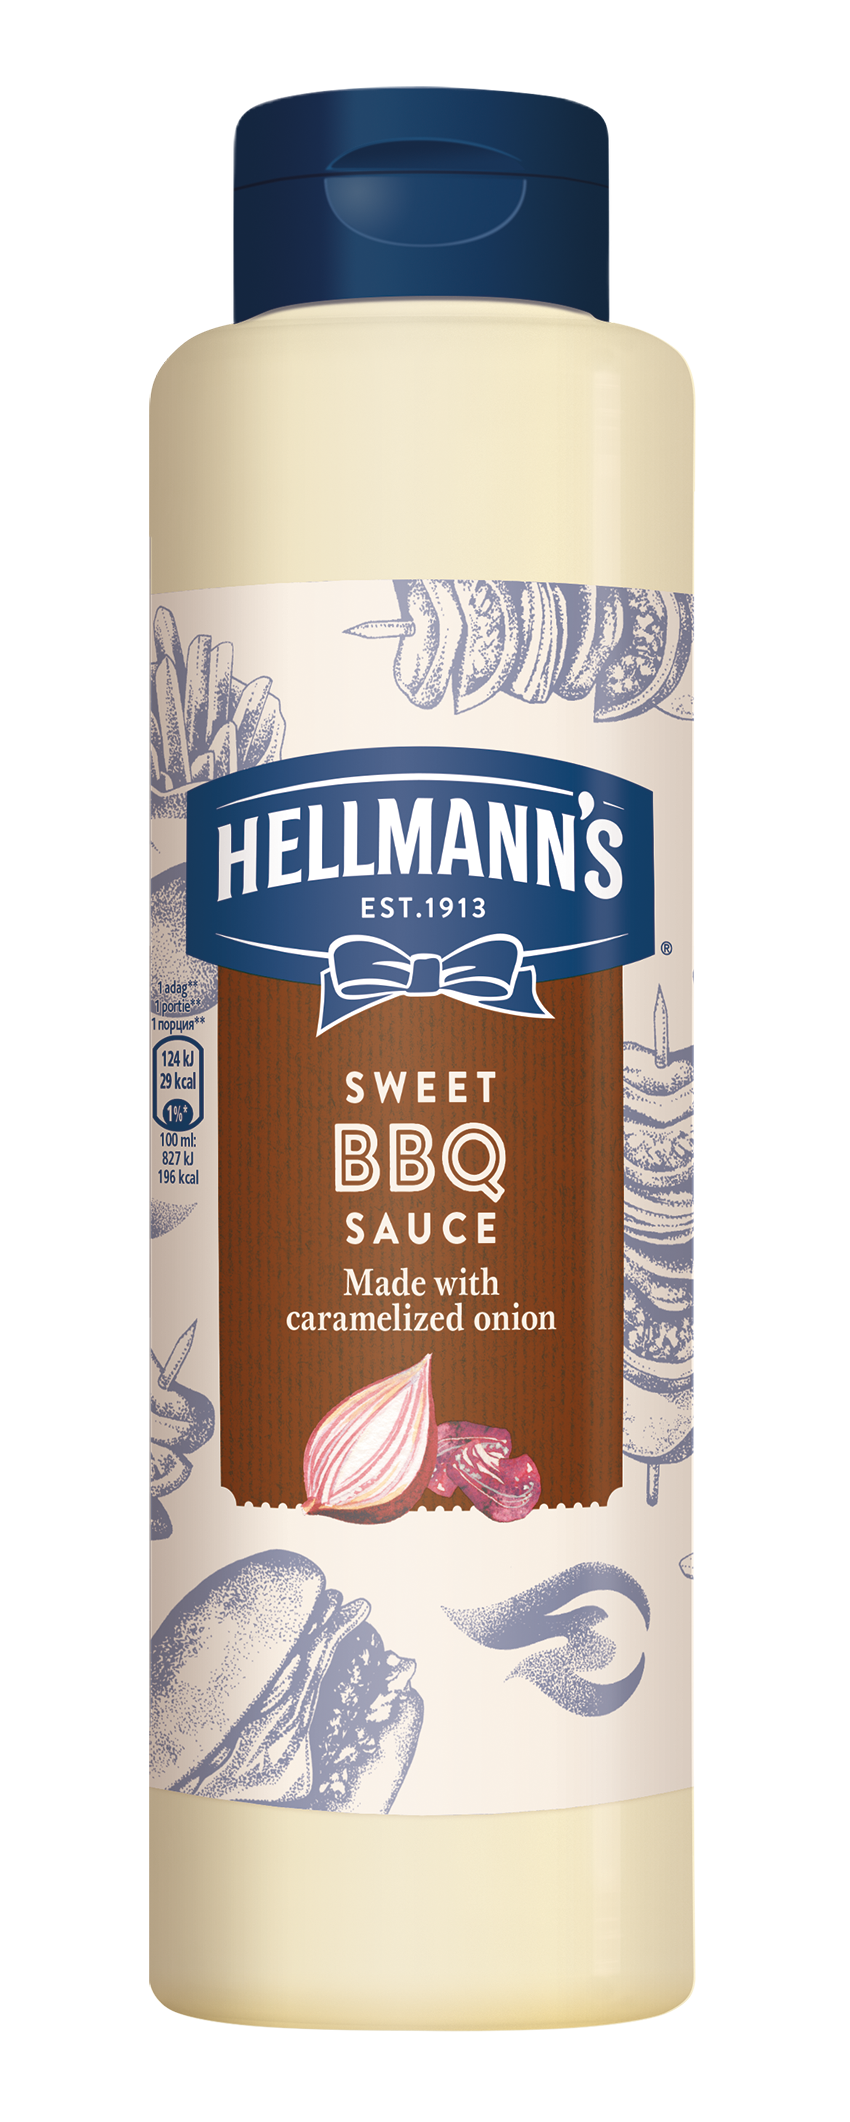 Hellmann's BBQ umak 792 ml